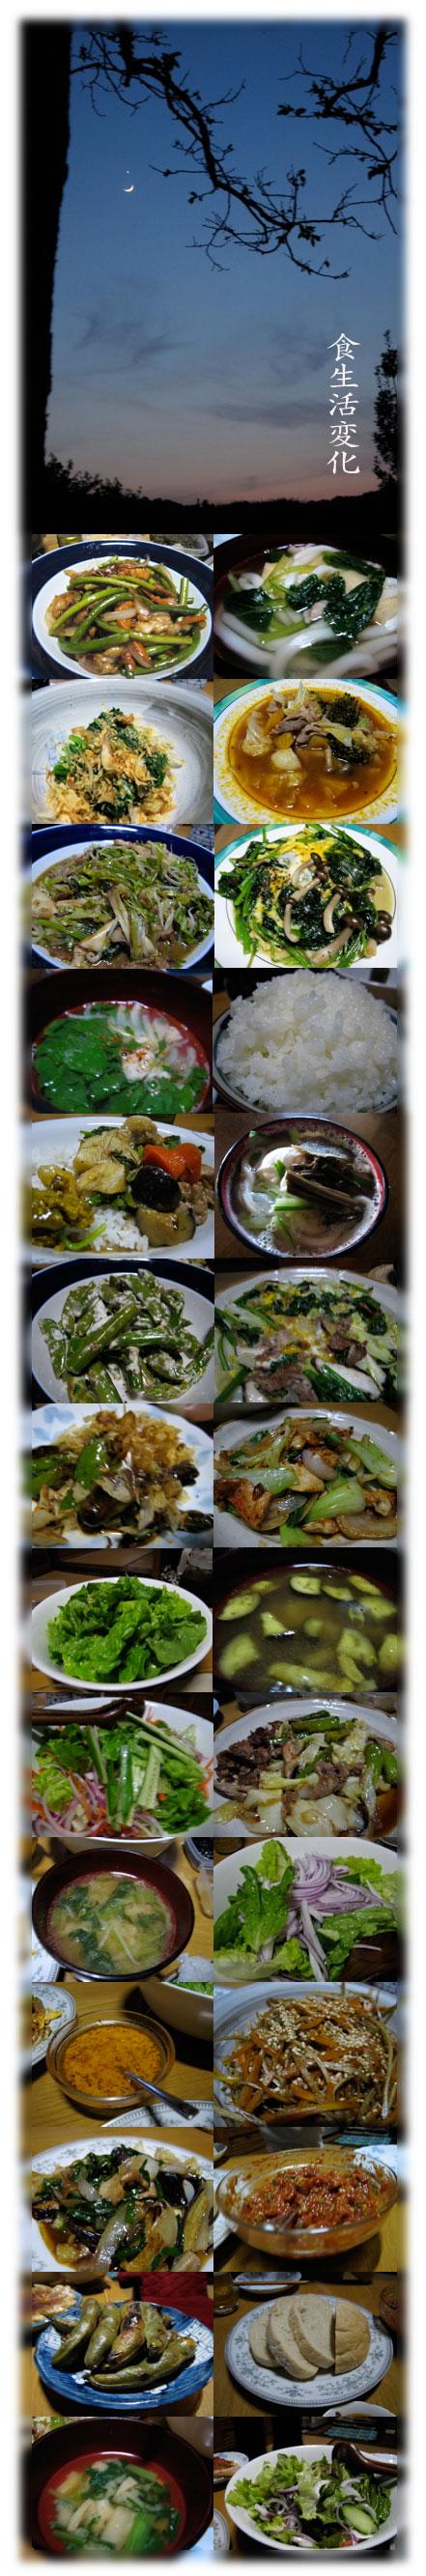 食生活変化